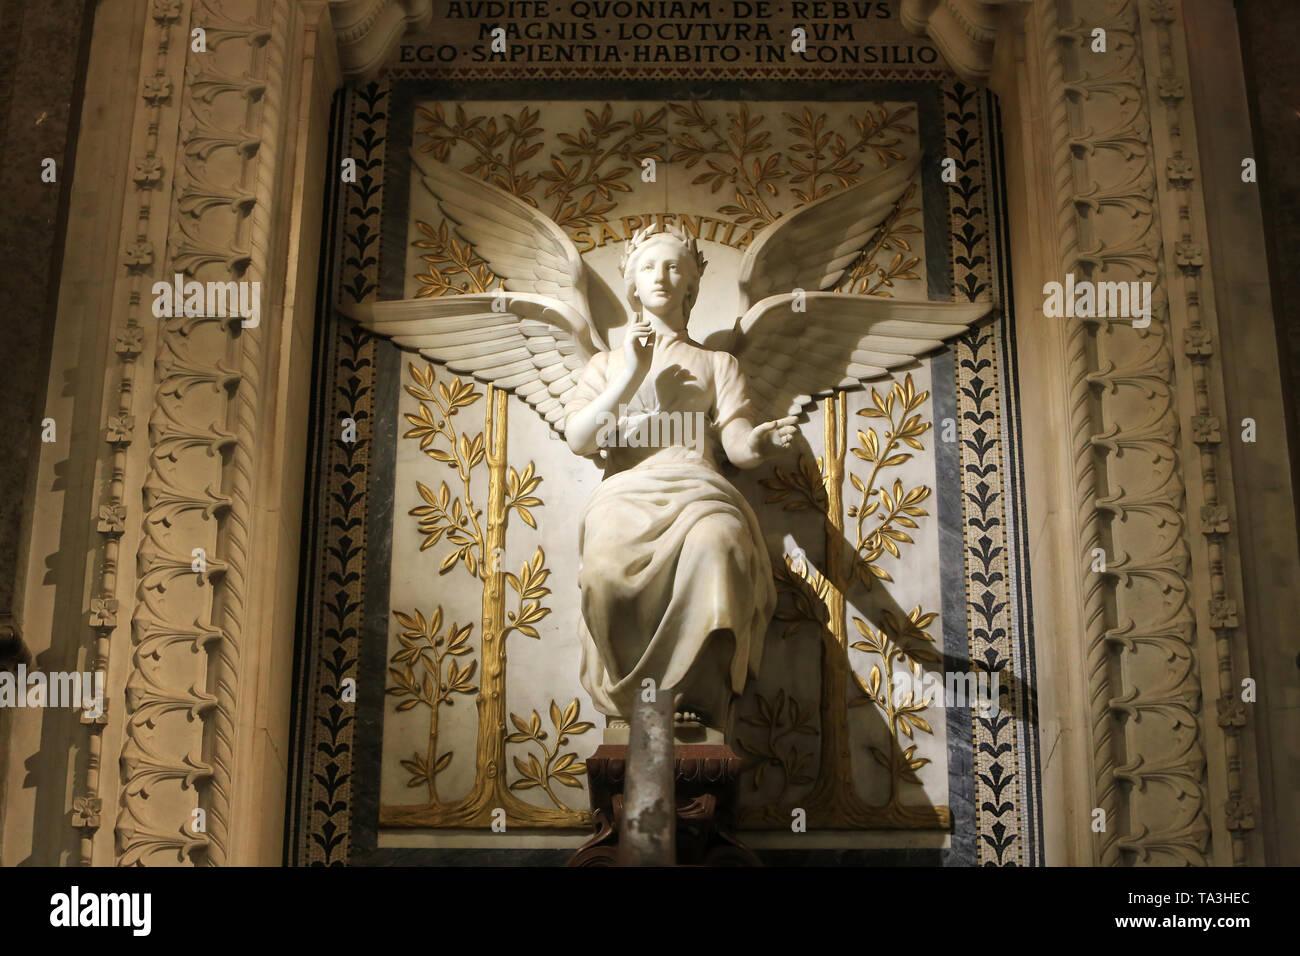 La Sagesse. Statue. Crypte. Basilika Notre-Dame de Fourvière. Lyon. Weisheit. Statue. Krypta. Basilika Notre-Dame de Fourvière. Lyon. Stockbild